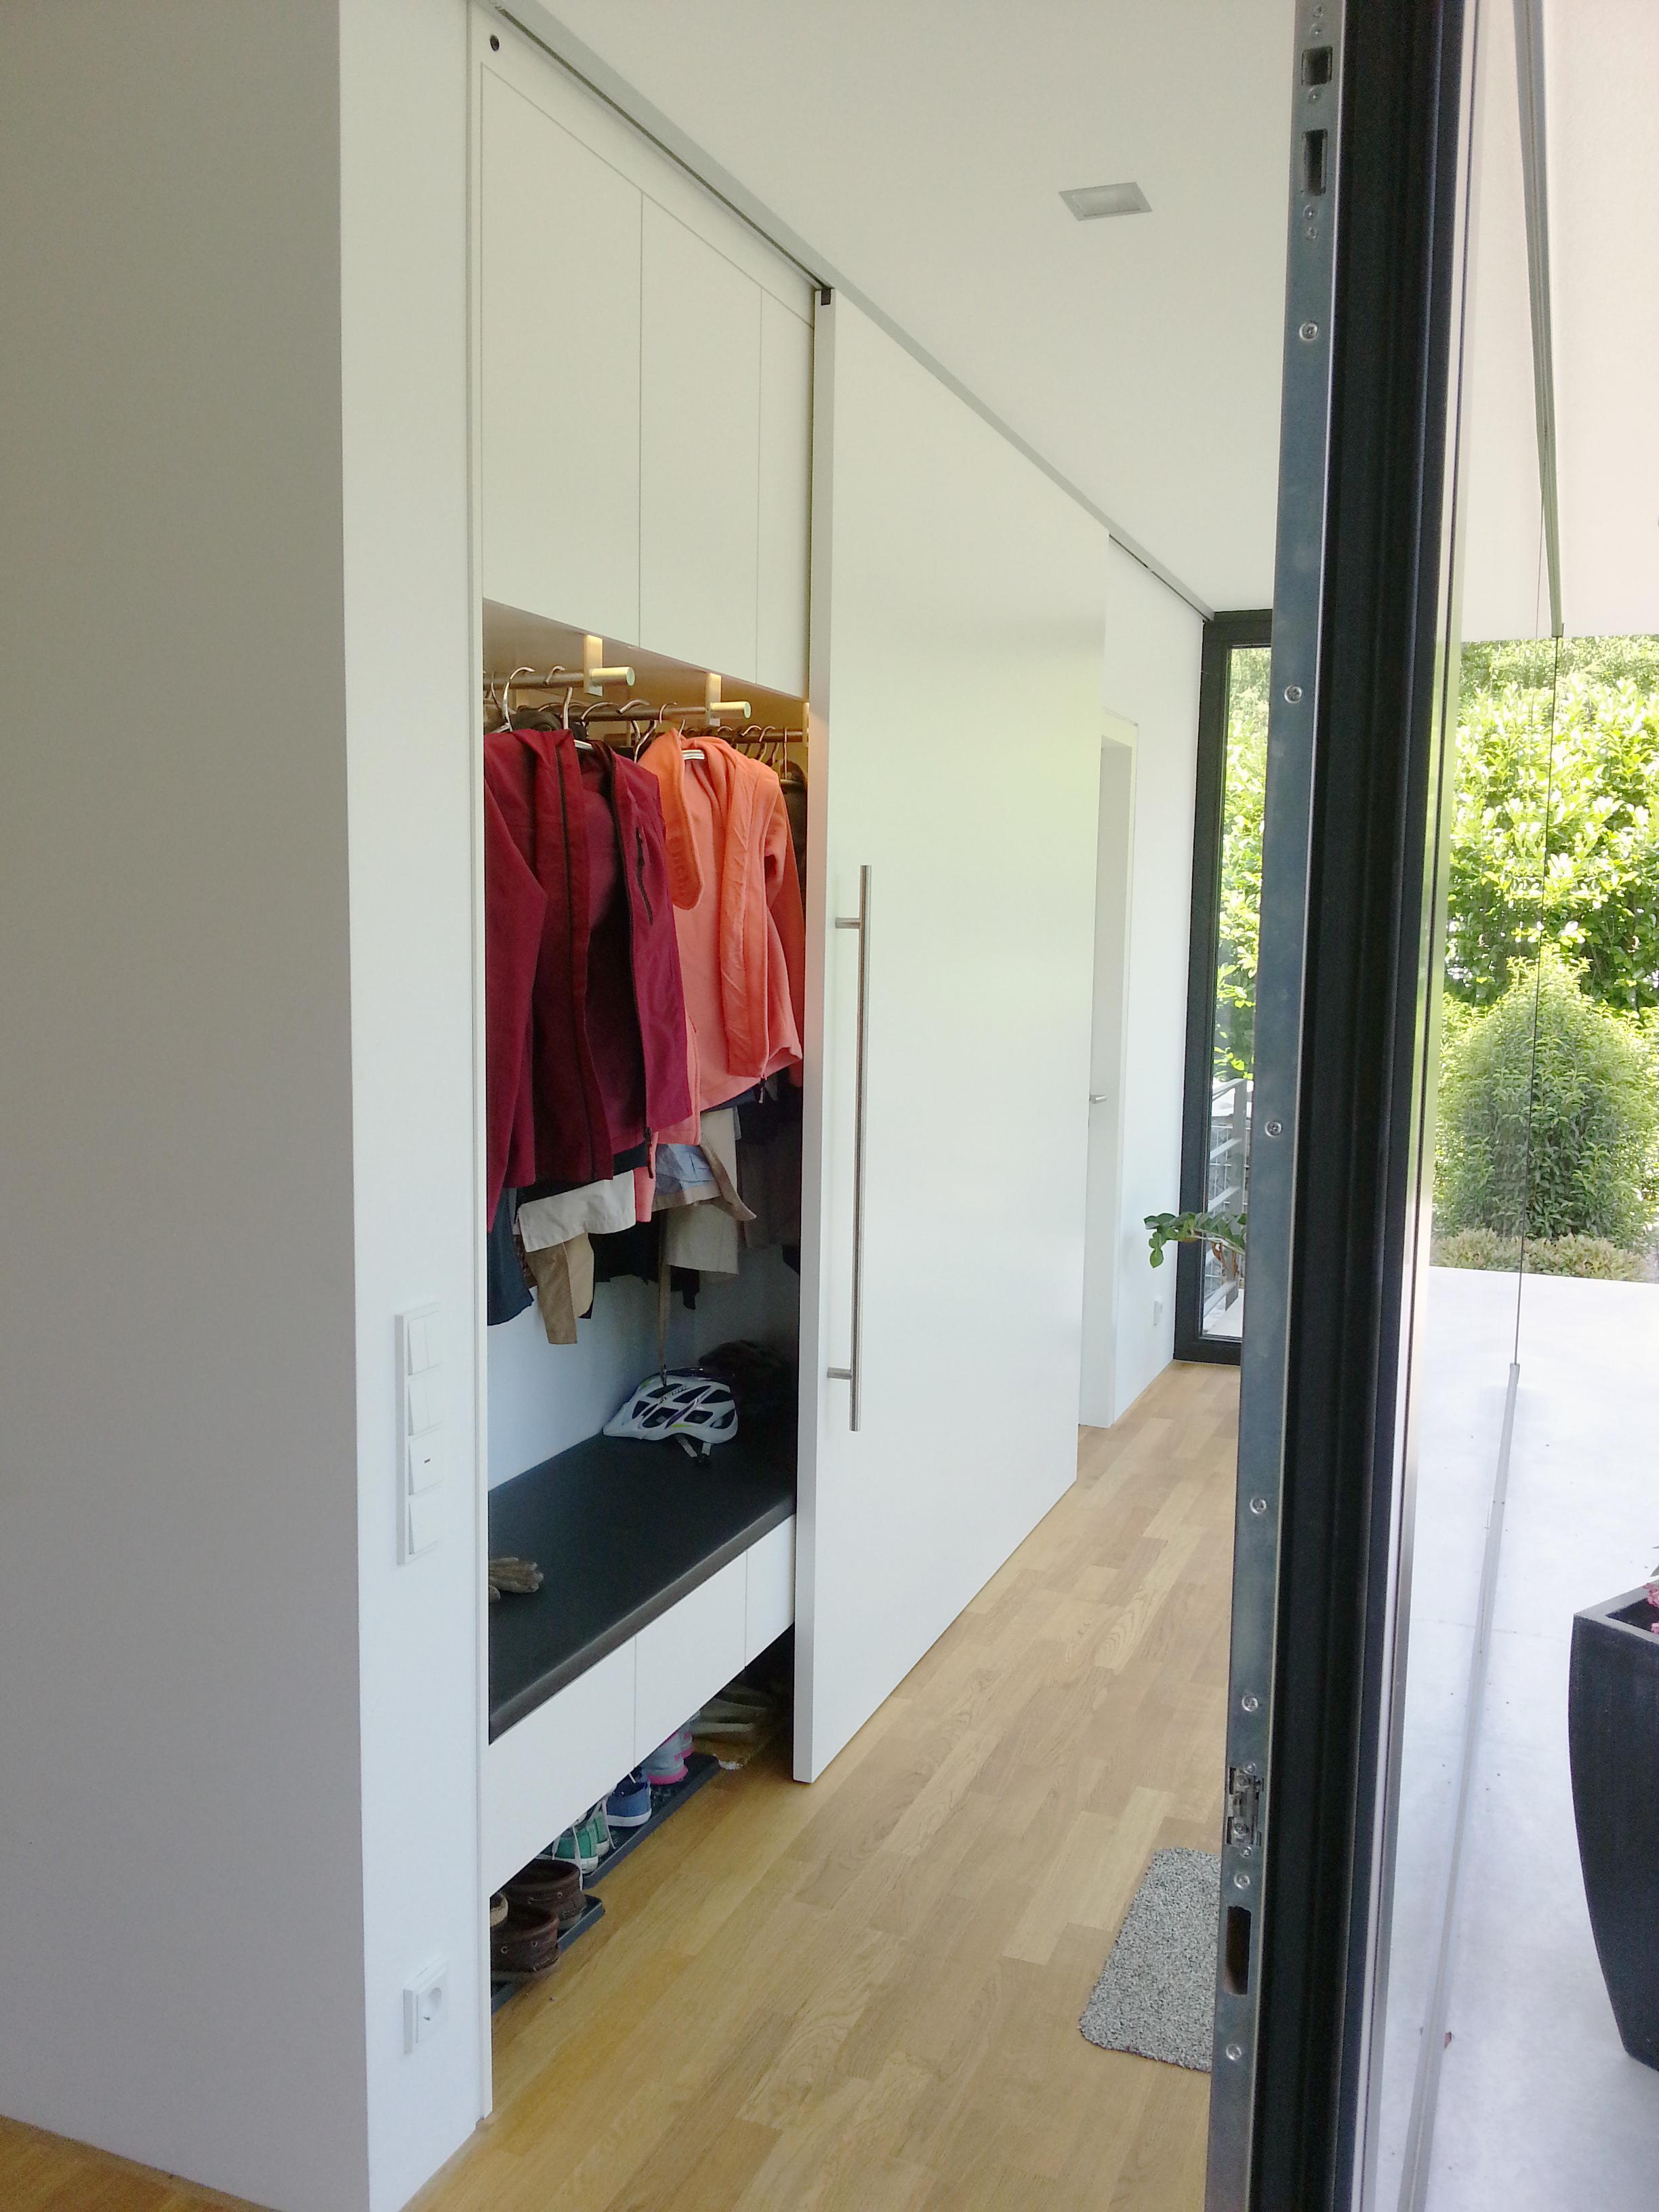 schiebet ren nach ma hammer margrander interior. Black Bedroom Furniture Sets. Home Design Ideas